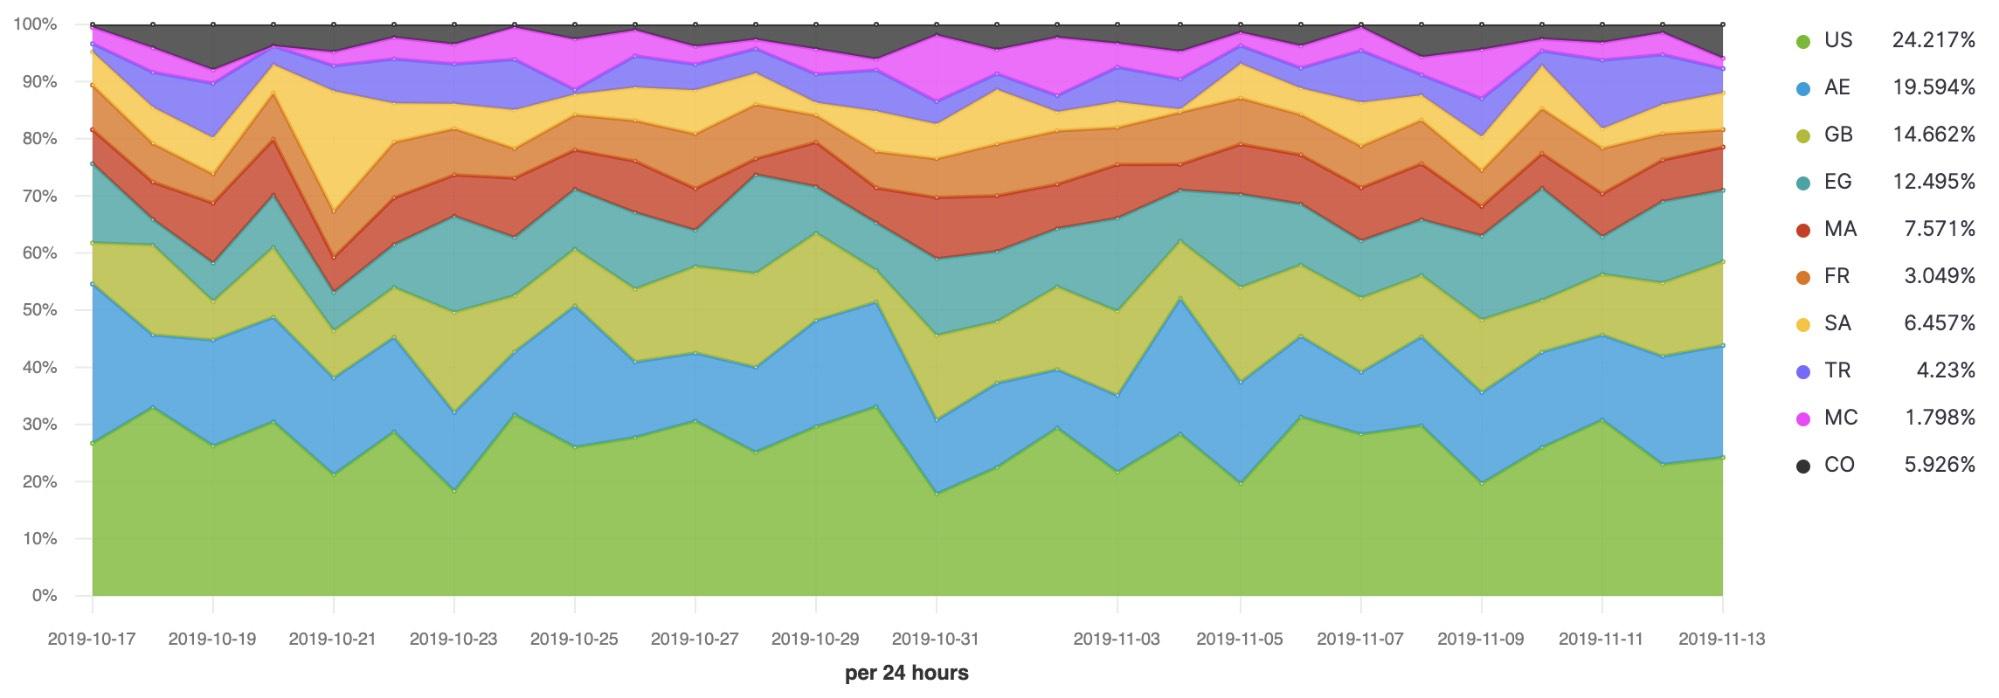 Visualisation linéaire par pourcentage selon les régions